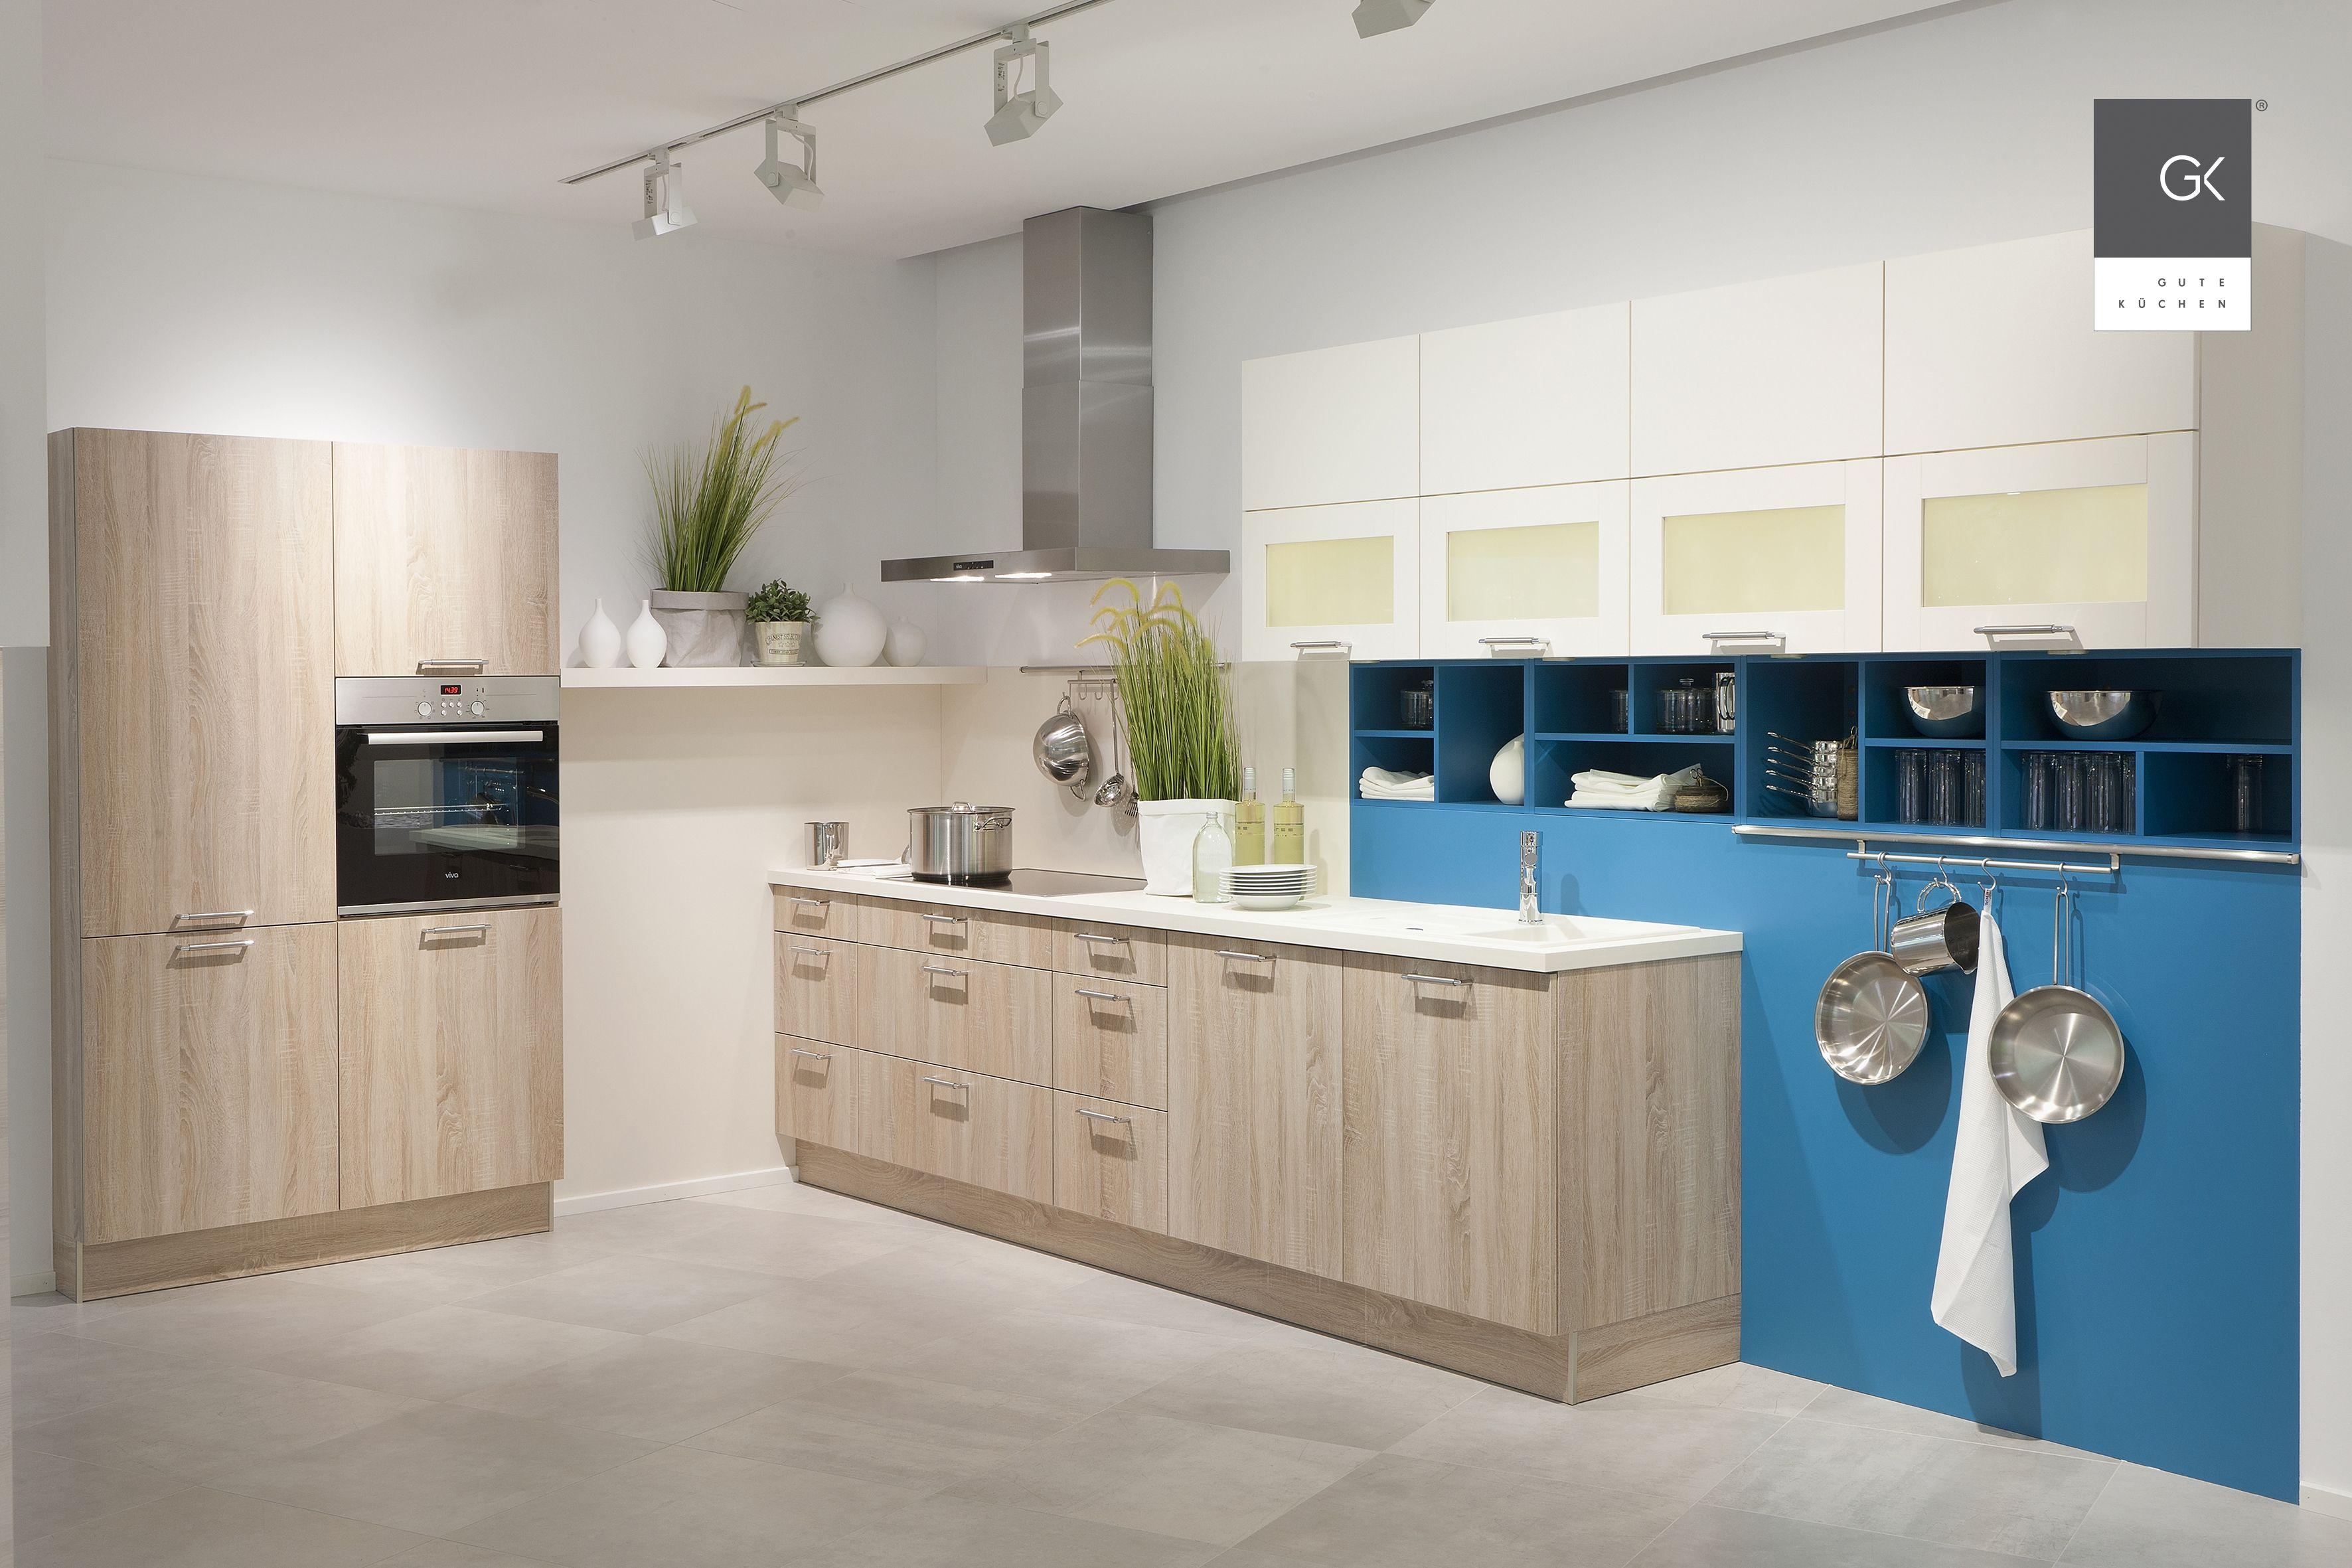 Ausgezeichnet Diy Küchen Auckland Fotos - Küchenschrank Ideen ...